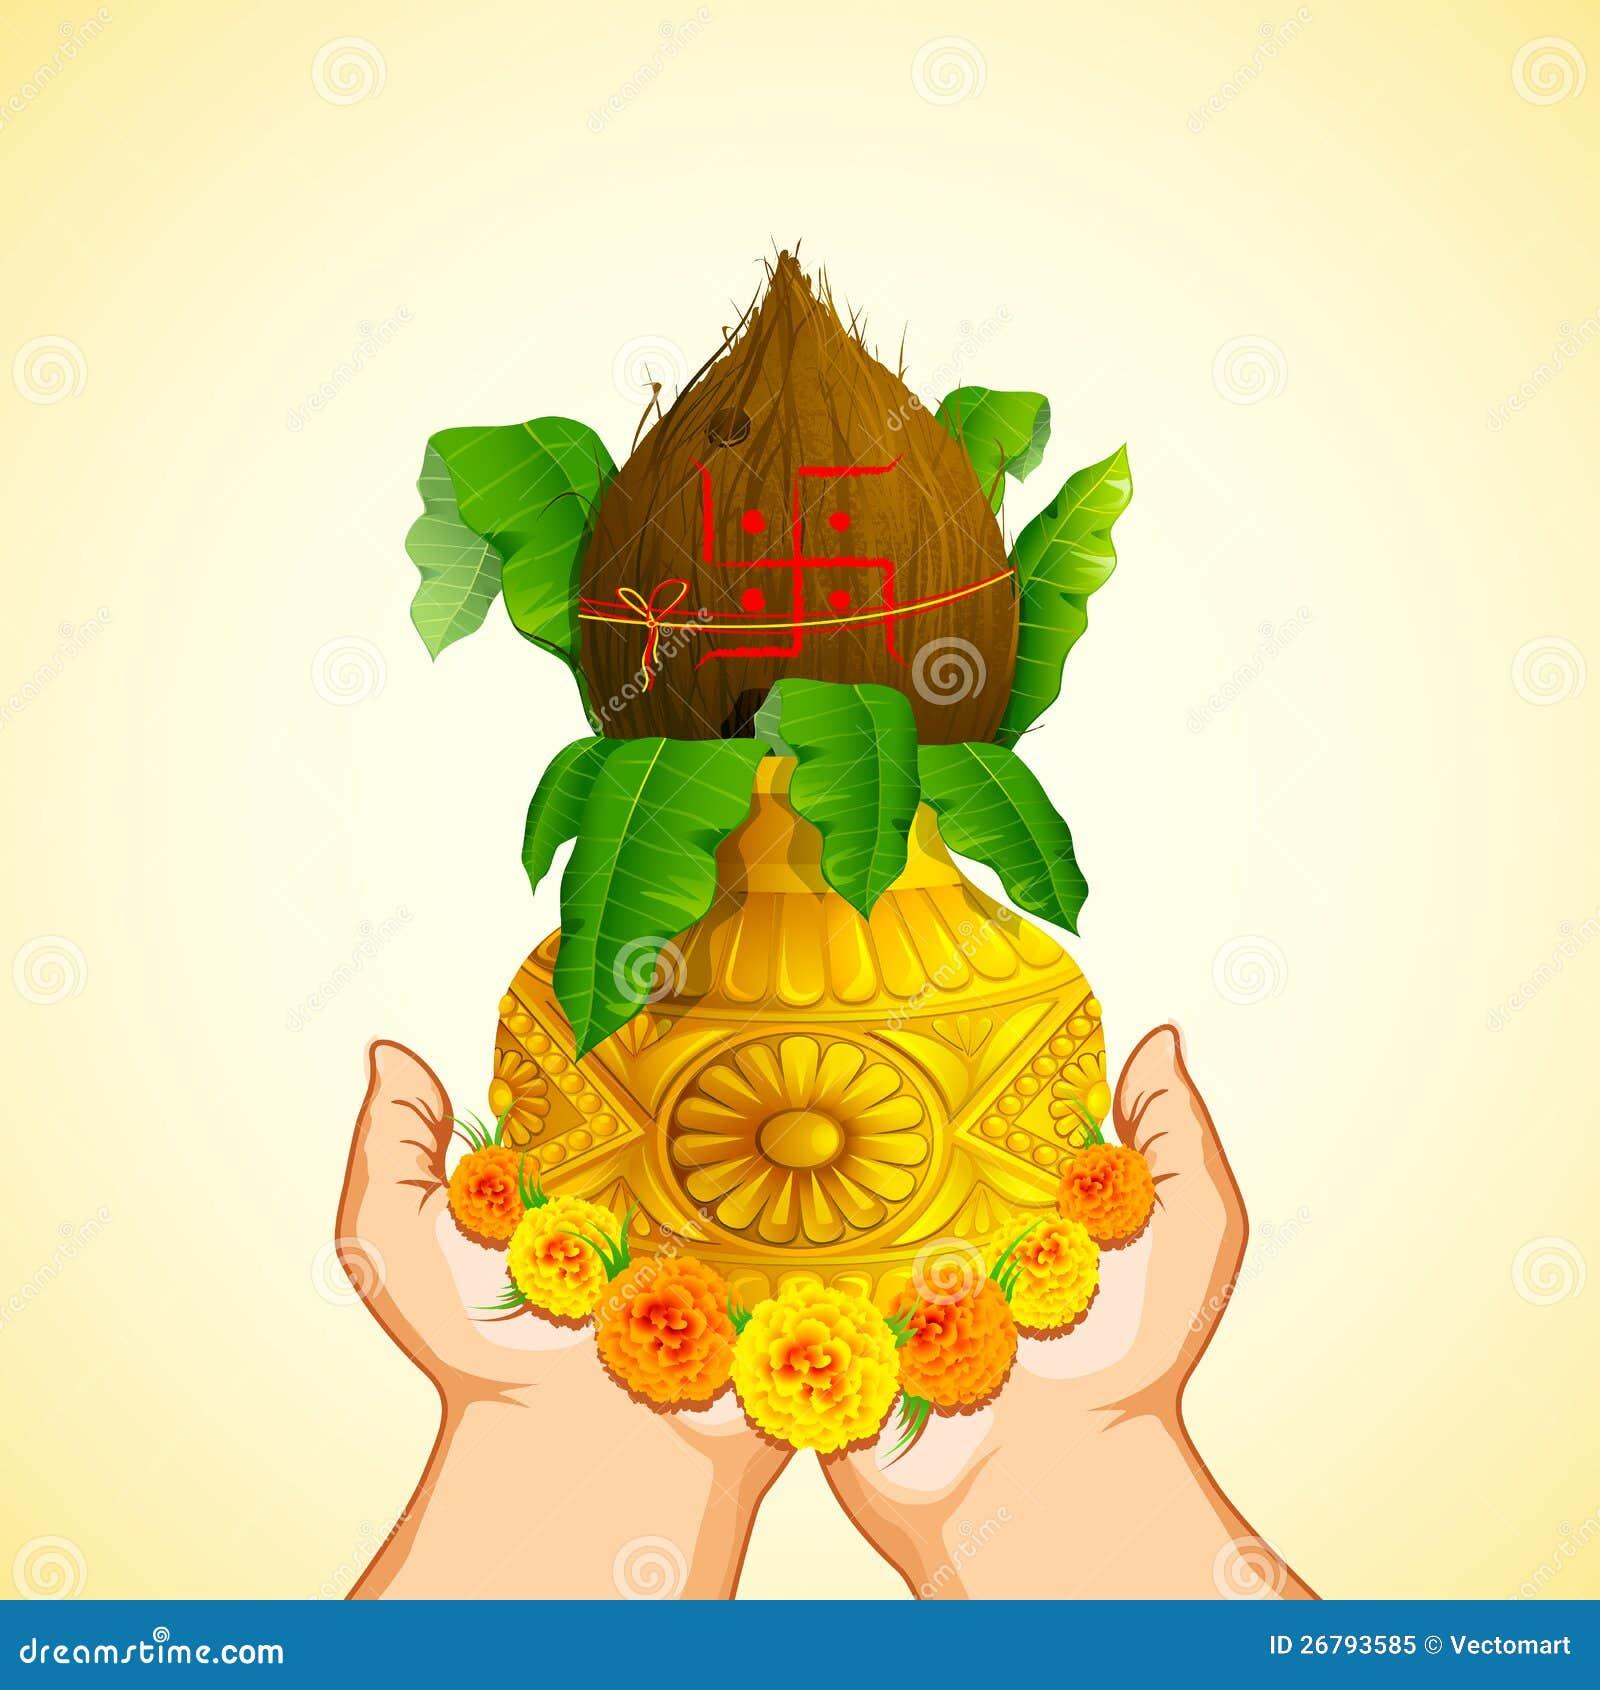 Hand Holding Mangal Kalash Royalty Free Stock Photo